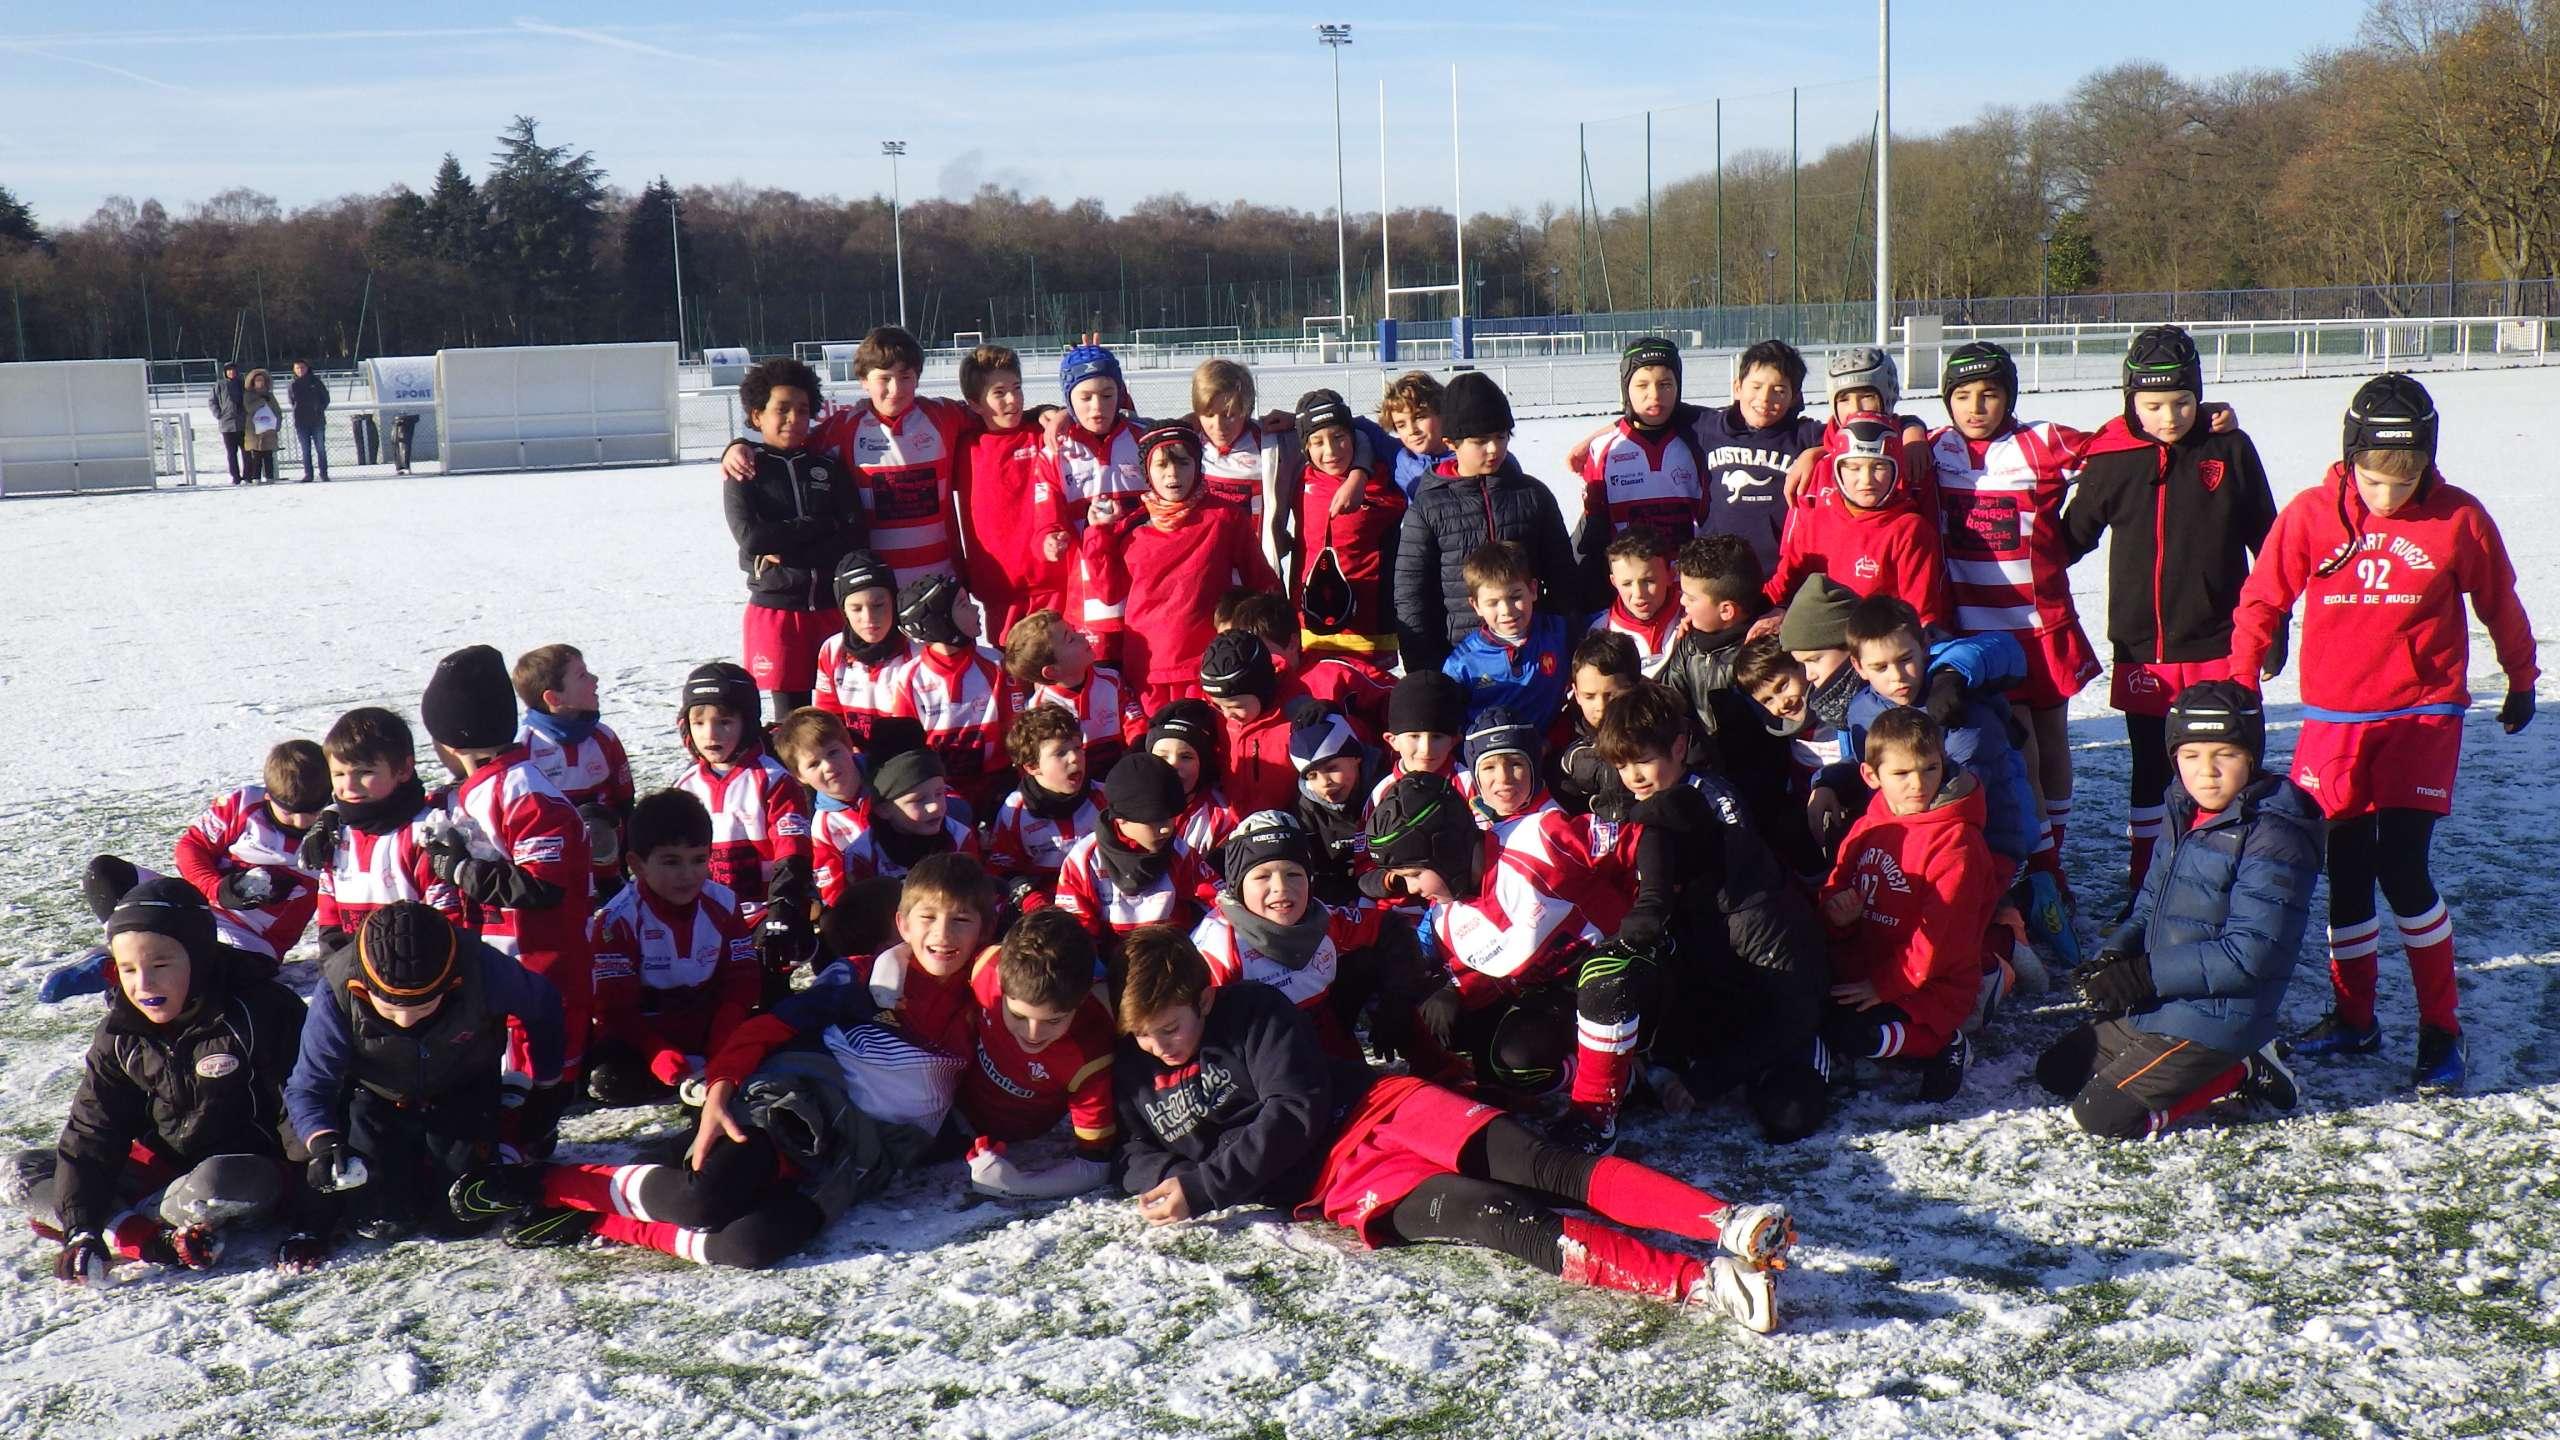 Clamart Rugby 92 - De la neige et du rugby samedi 9 décembre 2017